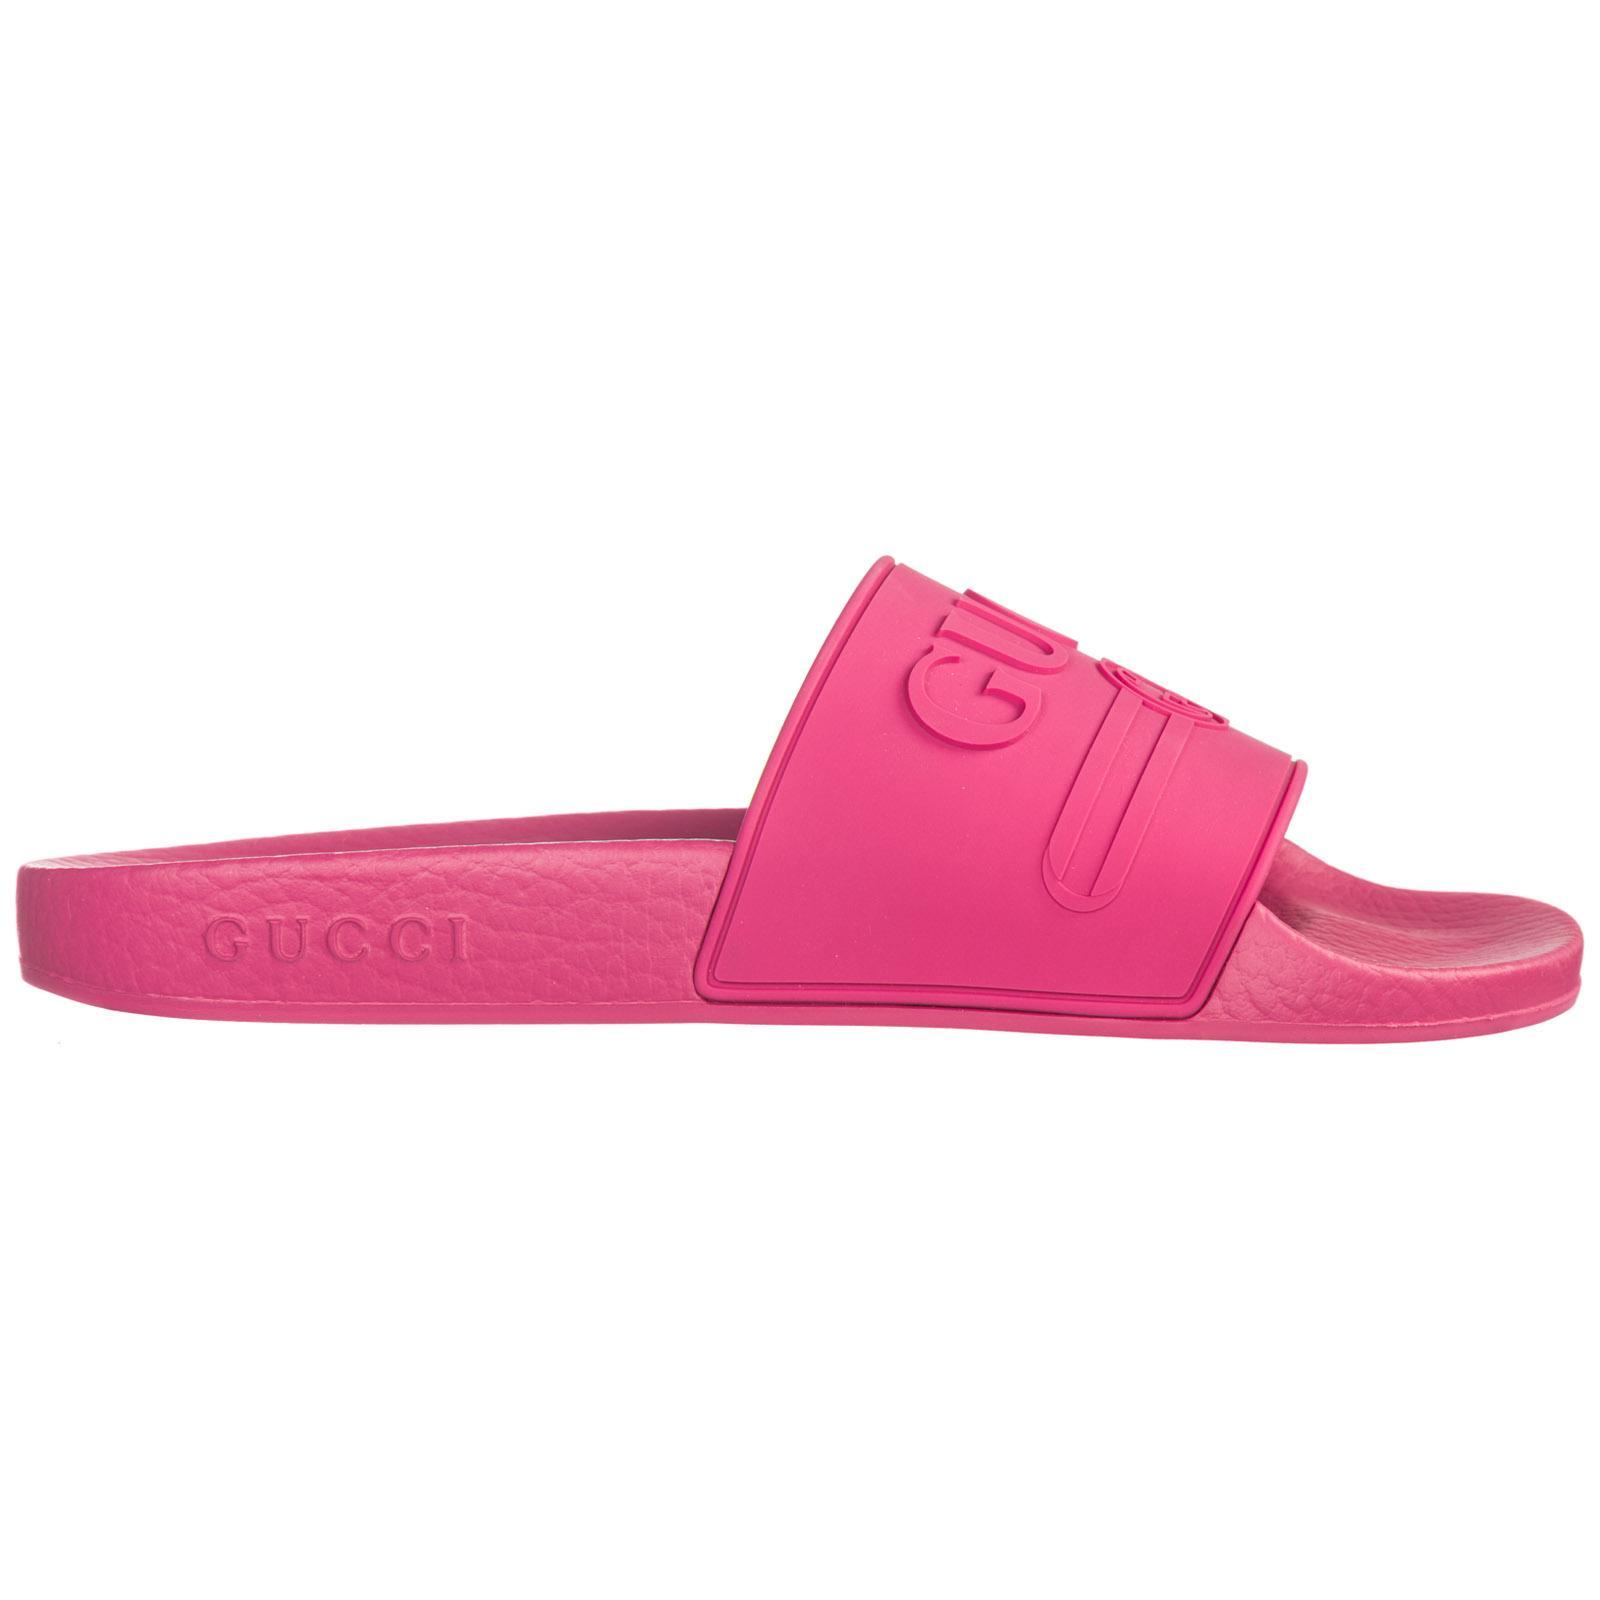 16e69701044 Gucci - Pink Logo Rubber Slide Sandals - Lyst. View fullscreen